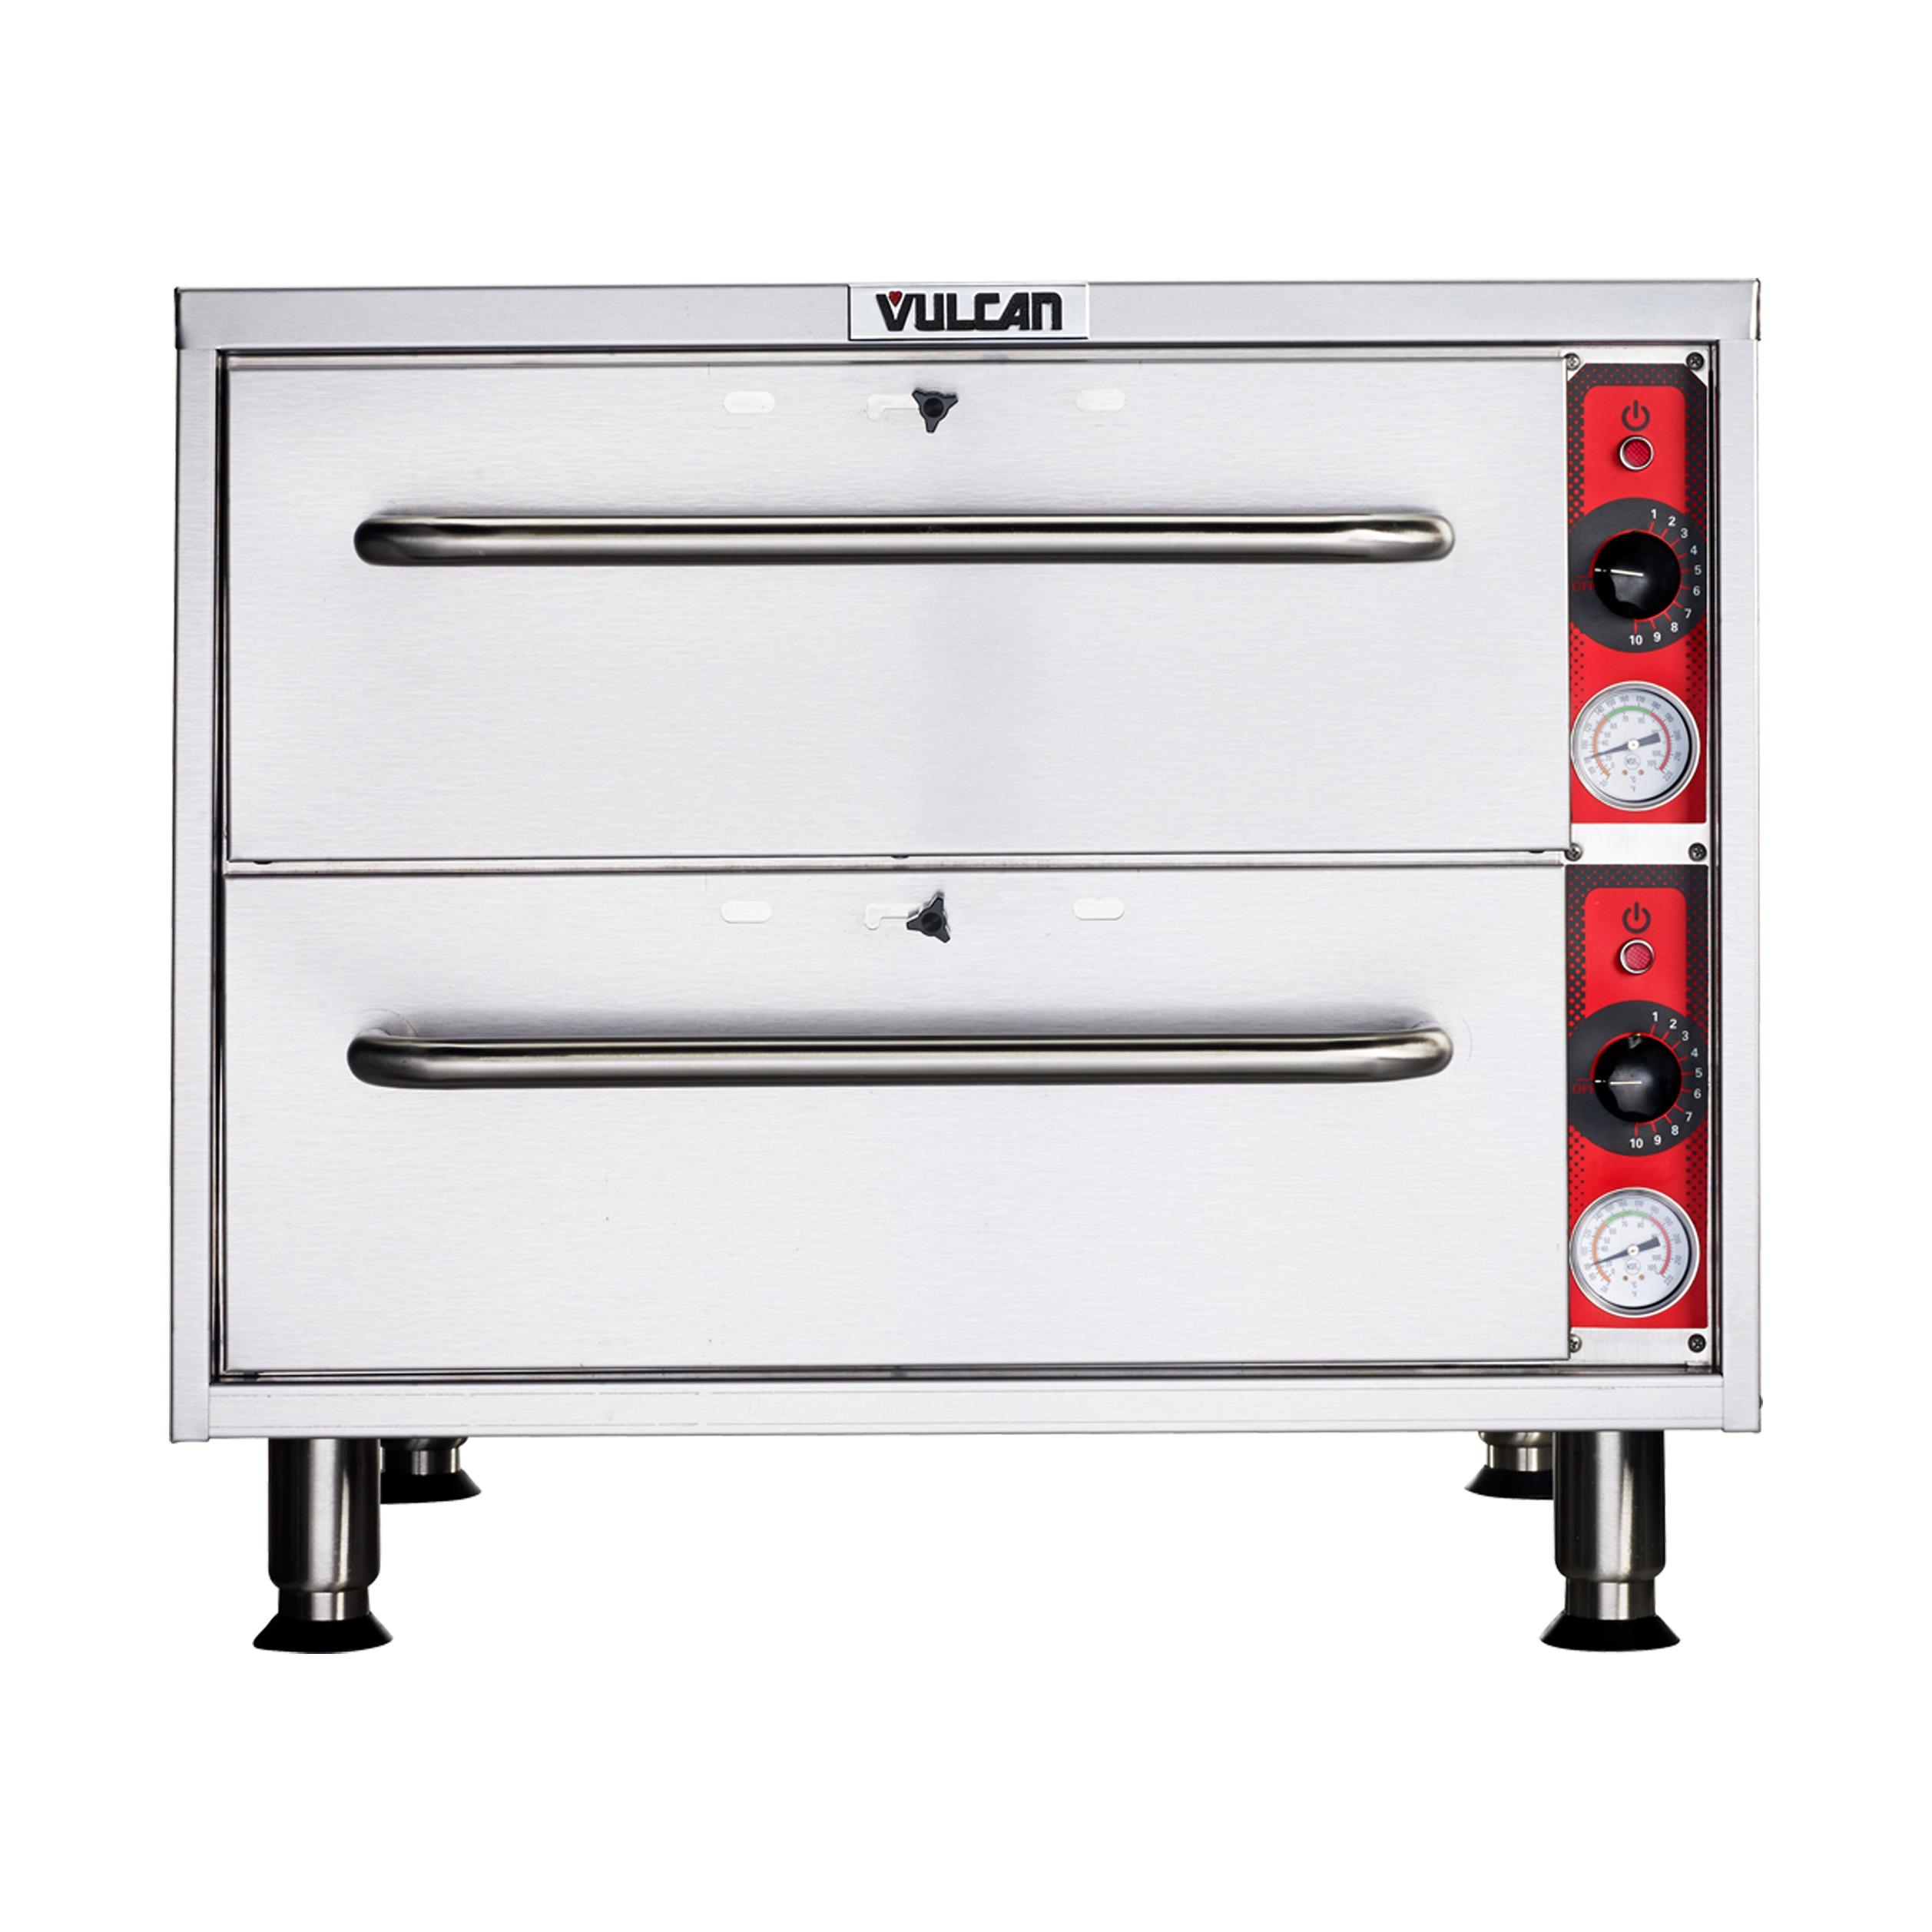 Vulcan VSL2 warming drawer, free standing